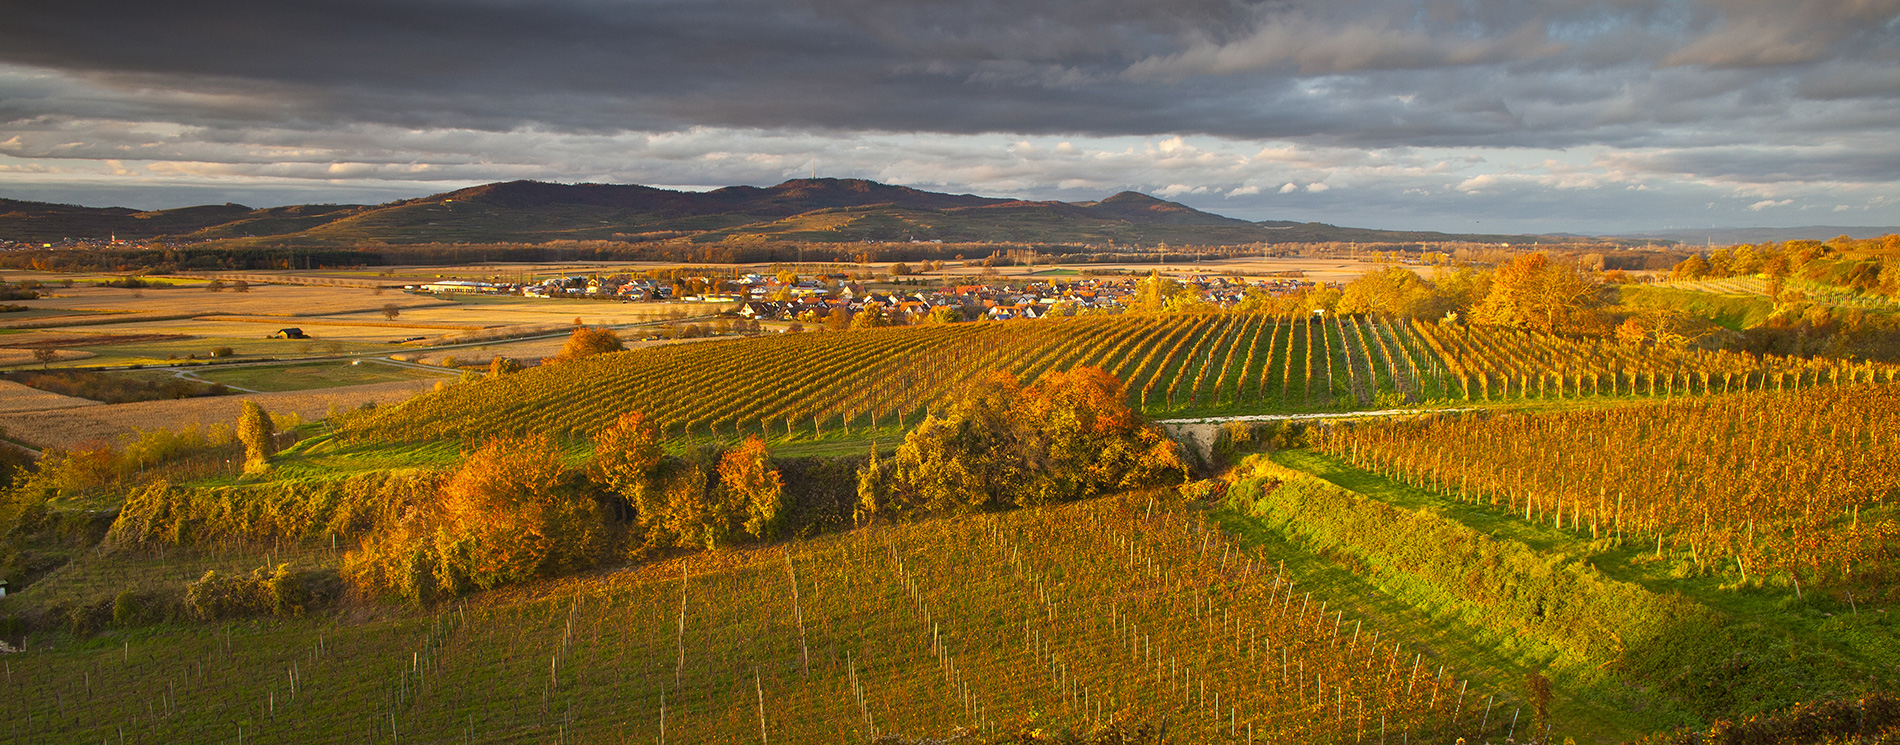 Traumhafte Landschaft, Weinberge und Kaiserstuhl